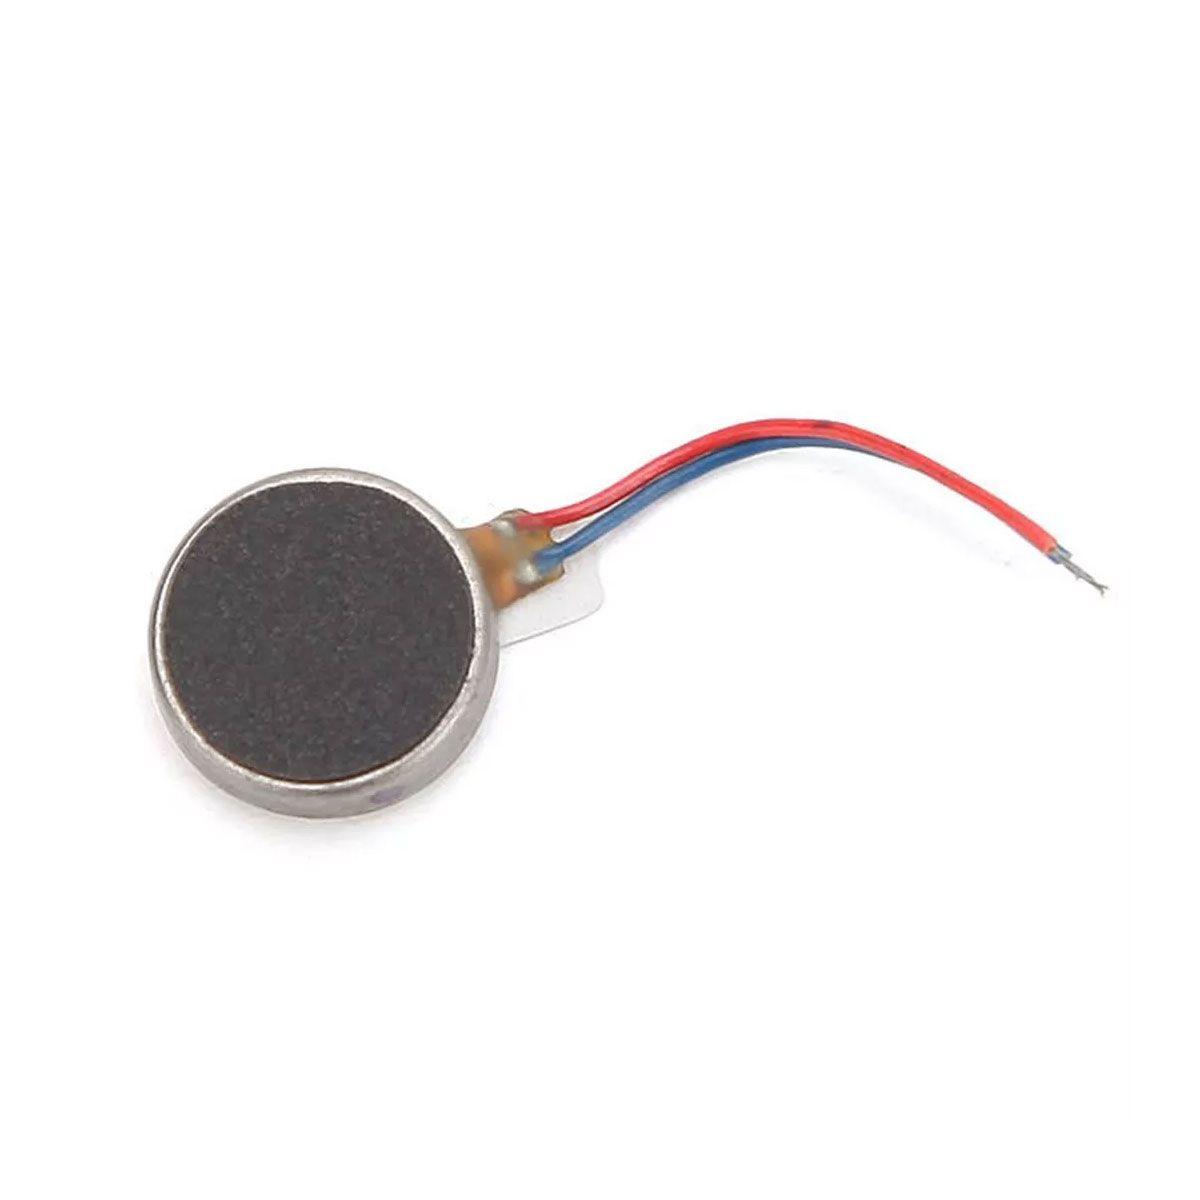 Motor de Vibração Vibracall 1027 3v